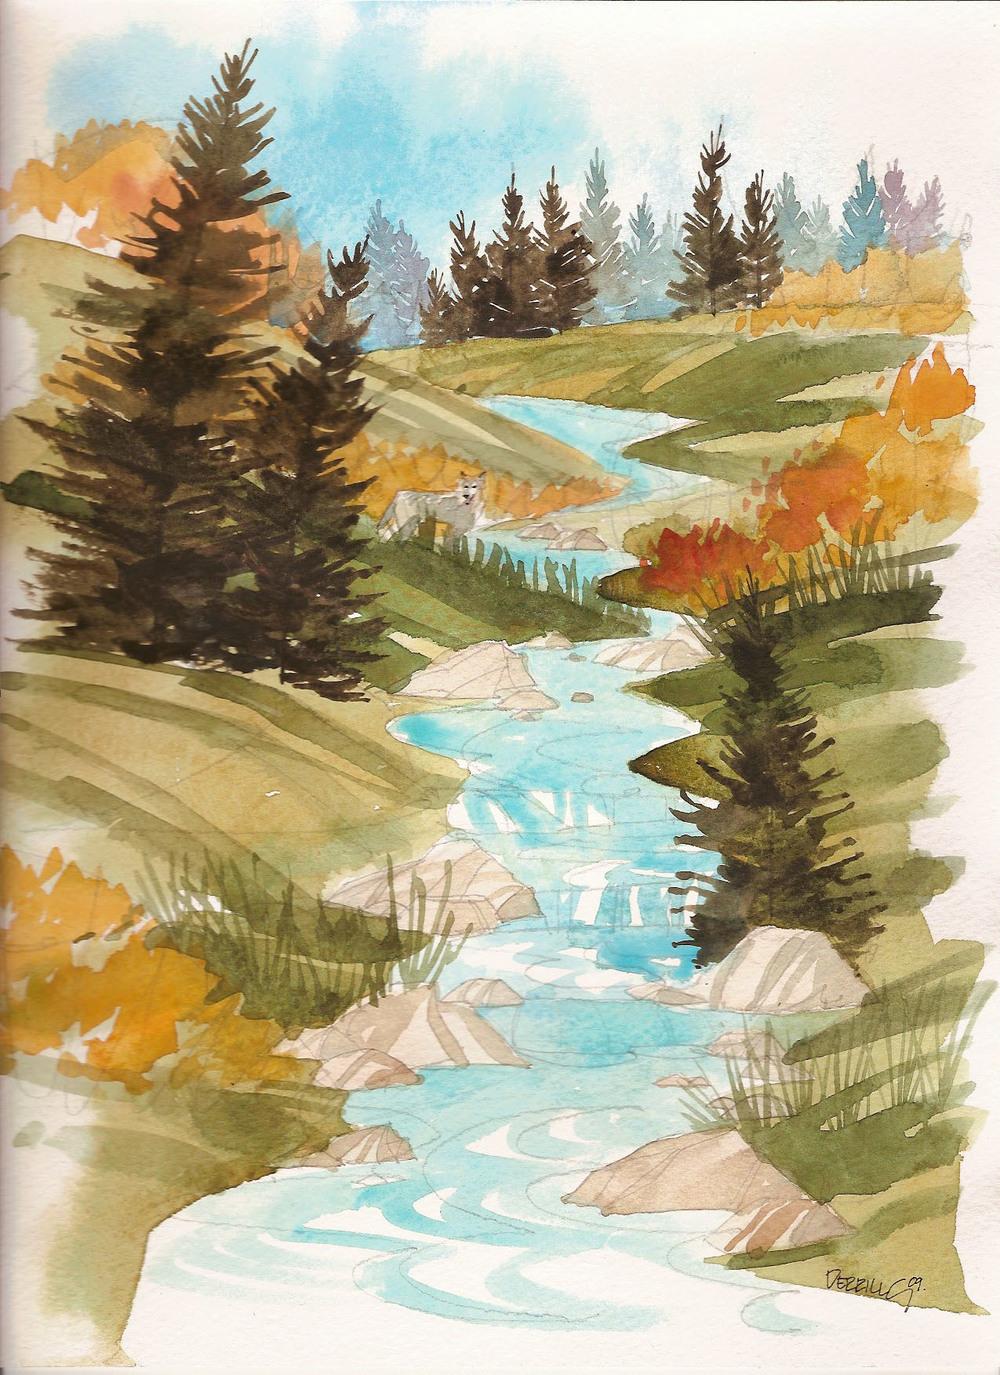 reclaimed landscape-4351896571.jpg